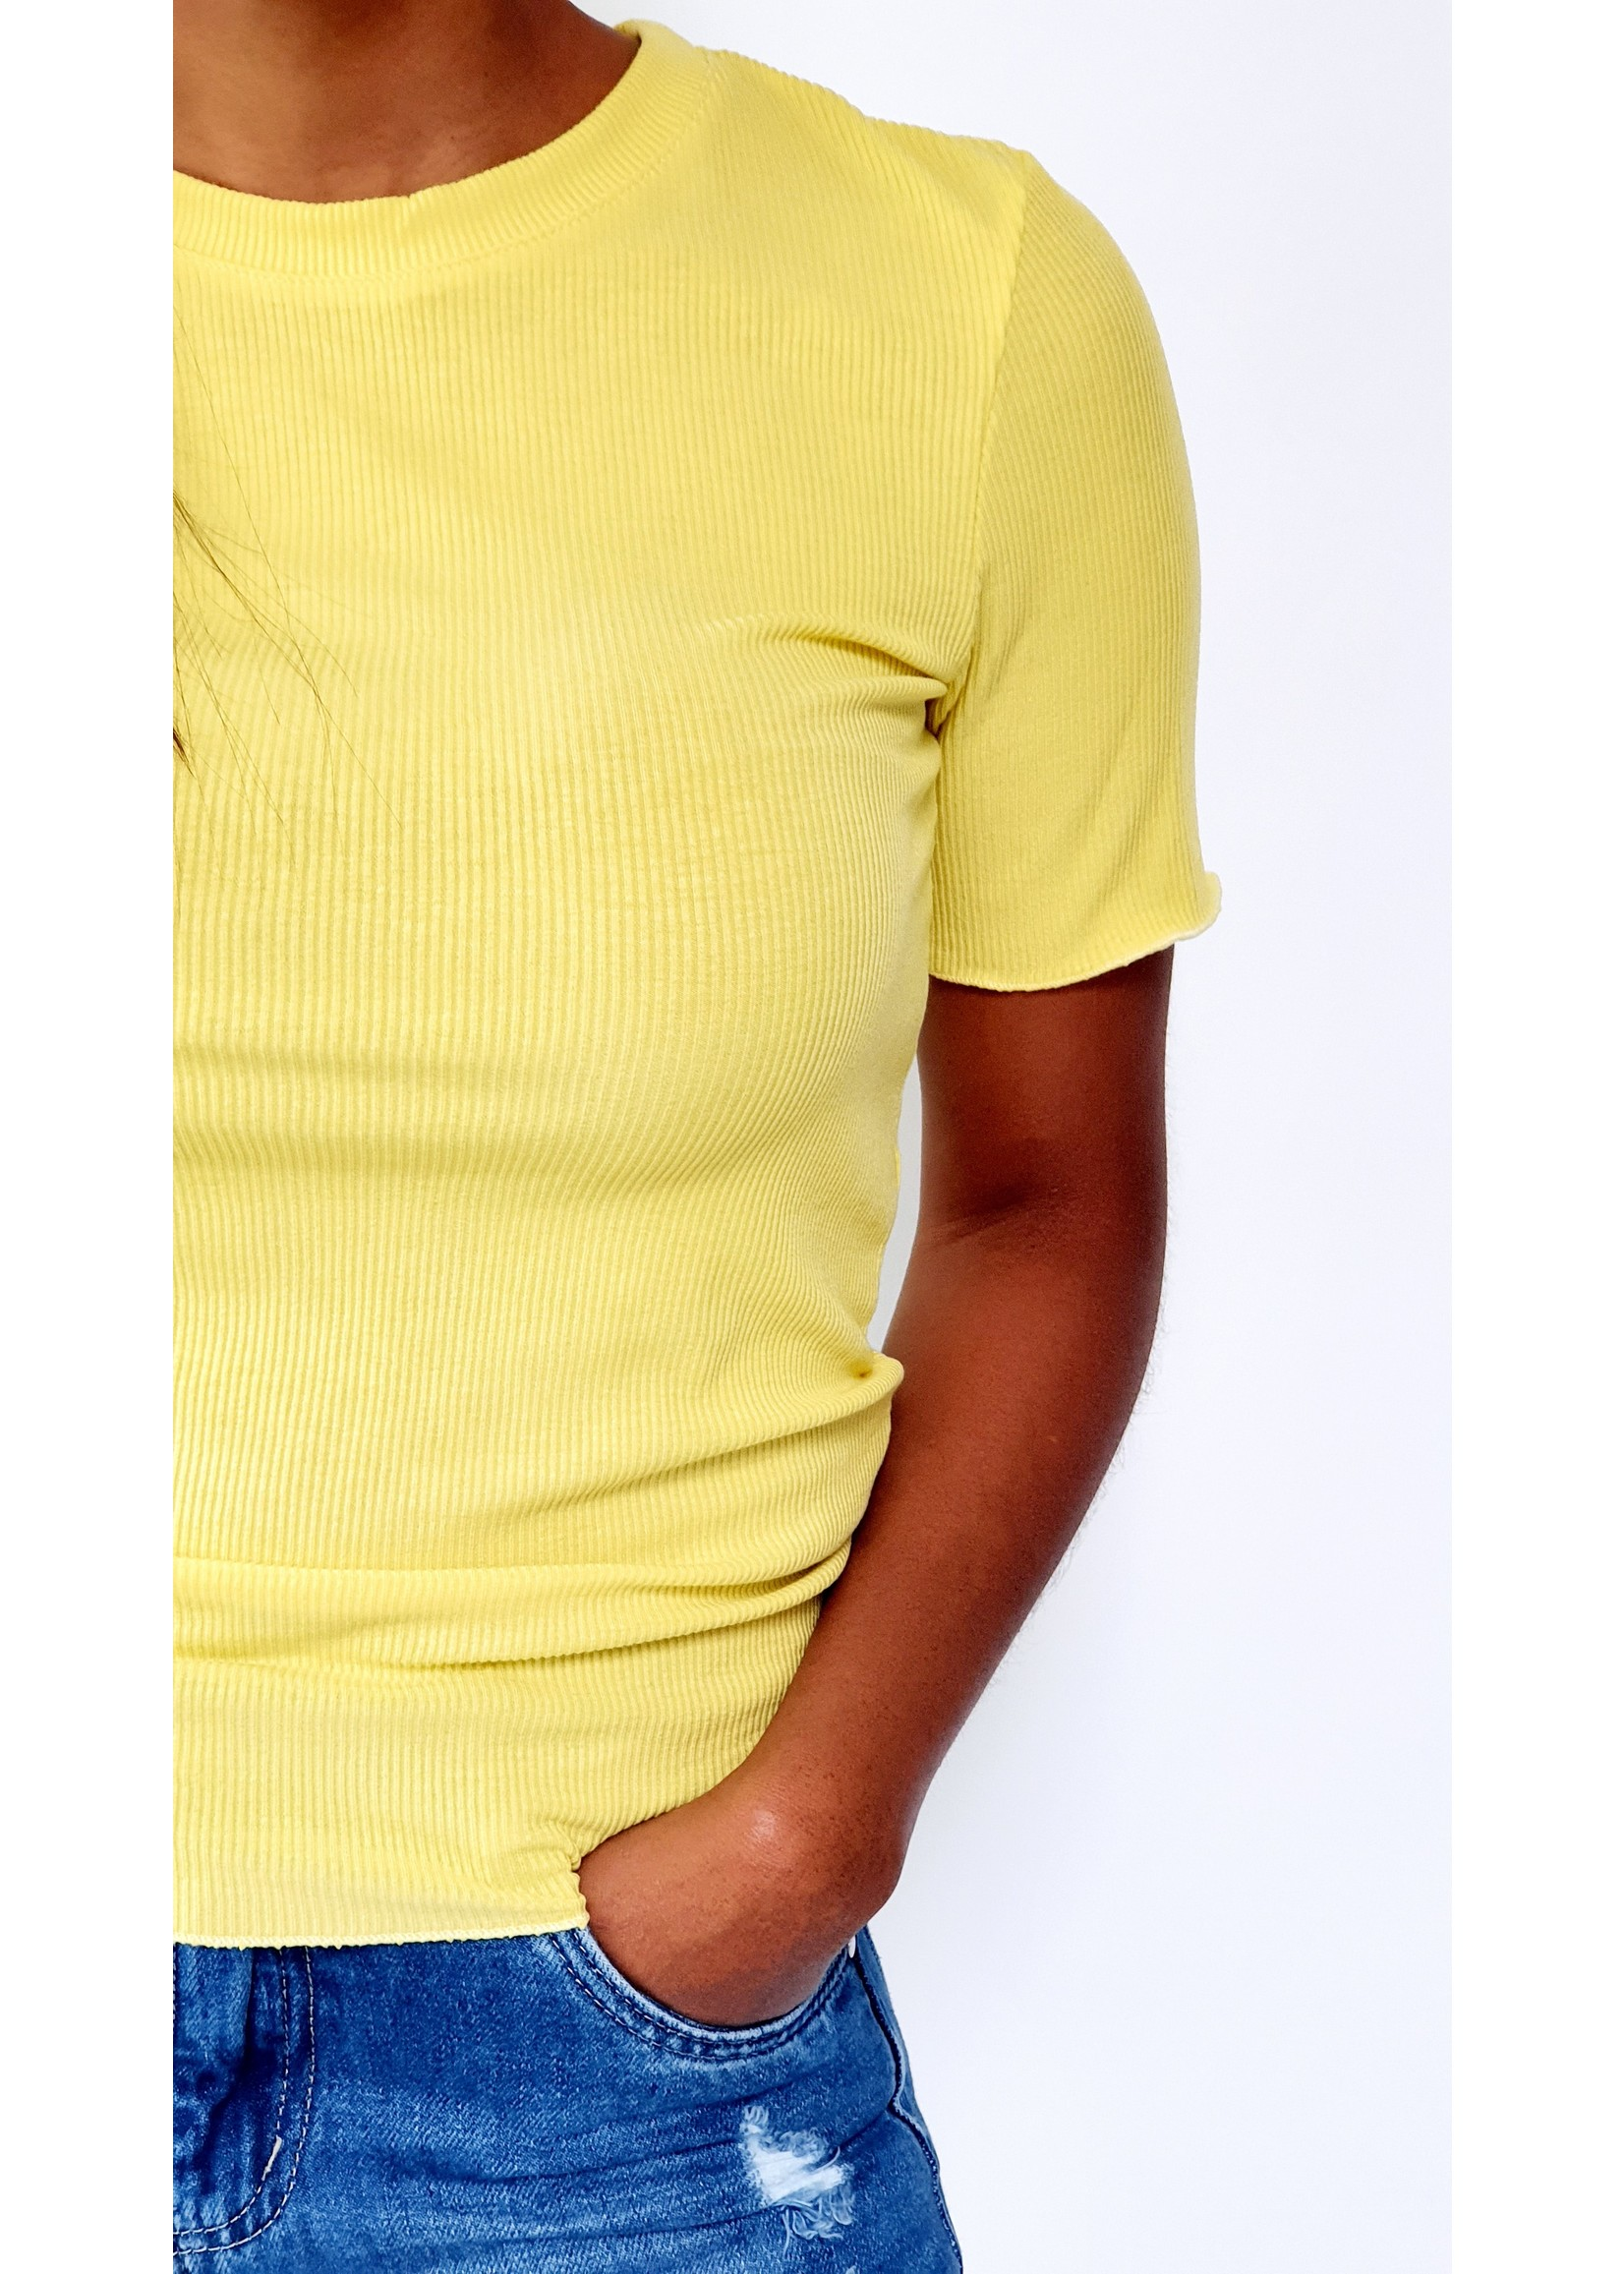 Bright yellow shirt